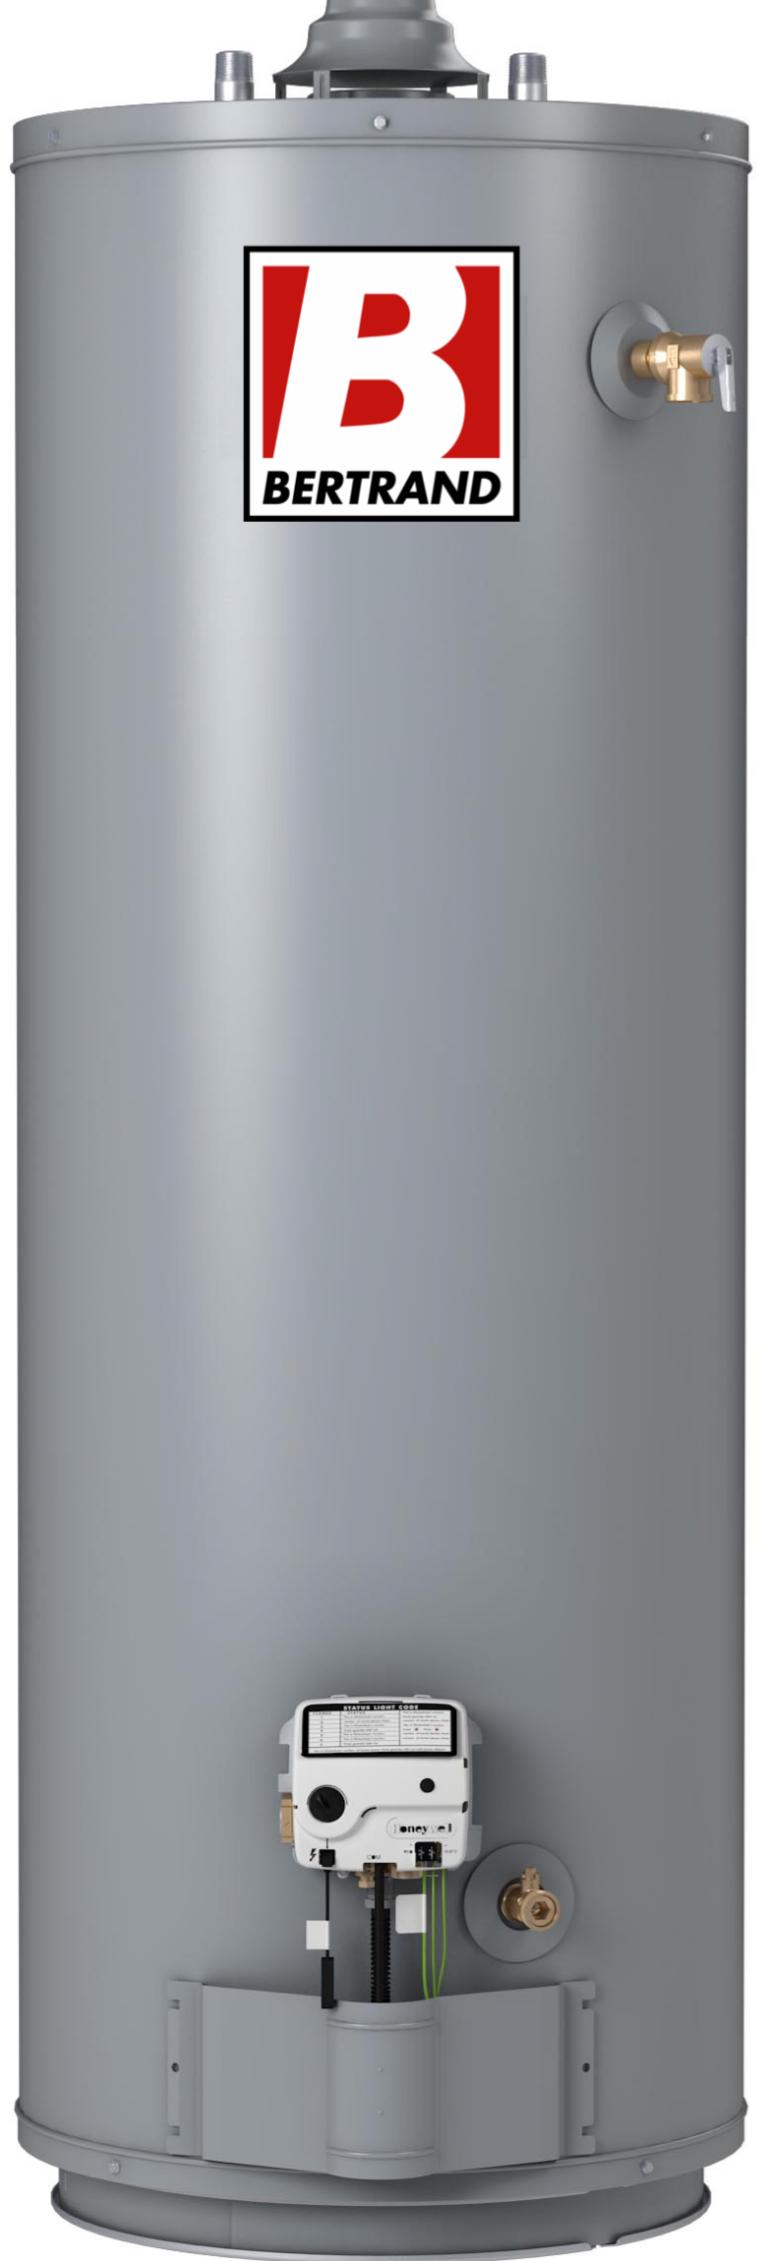 meilleur chauffe eau acheter chauffe eau electrique l zyewe zanussi au meilleur prix au maroc. Black Bedroom Furniture Sets. Home Design Ideas